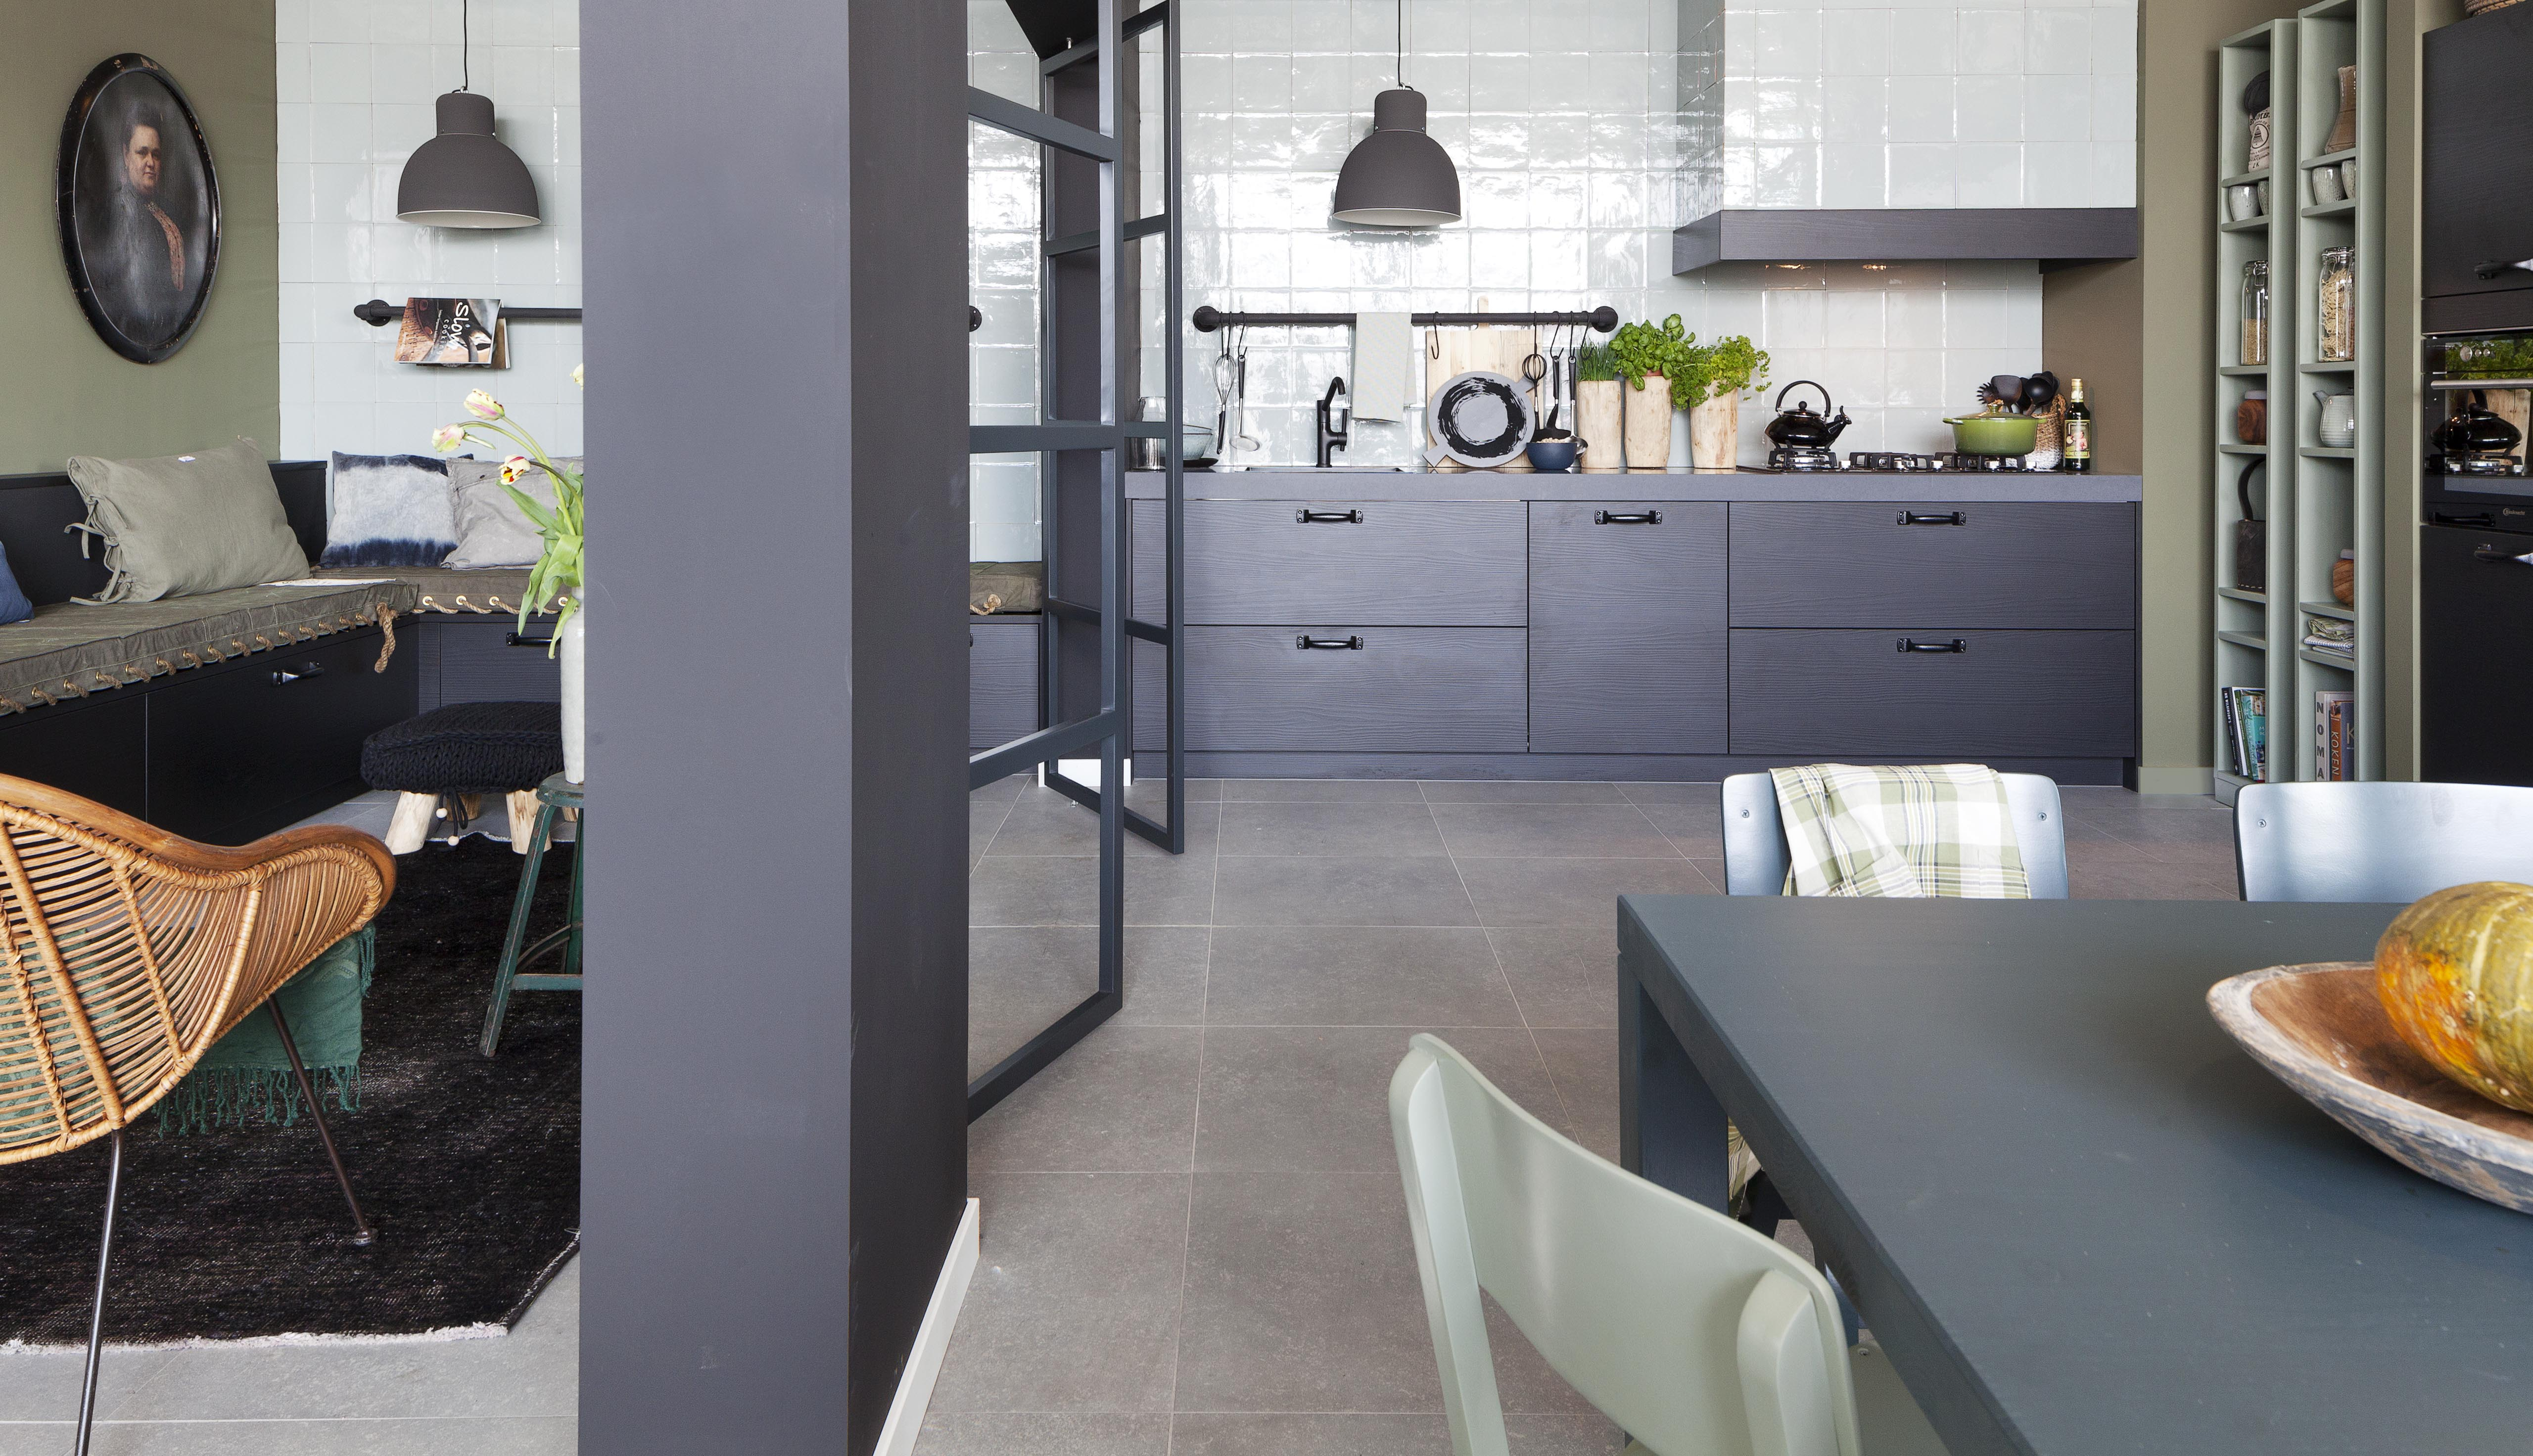 Lucino keuken - Grando Keukens u0026 Bad Zaandam